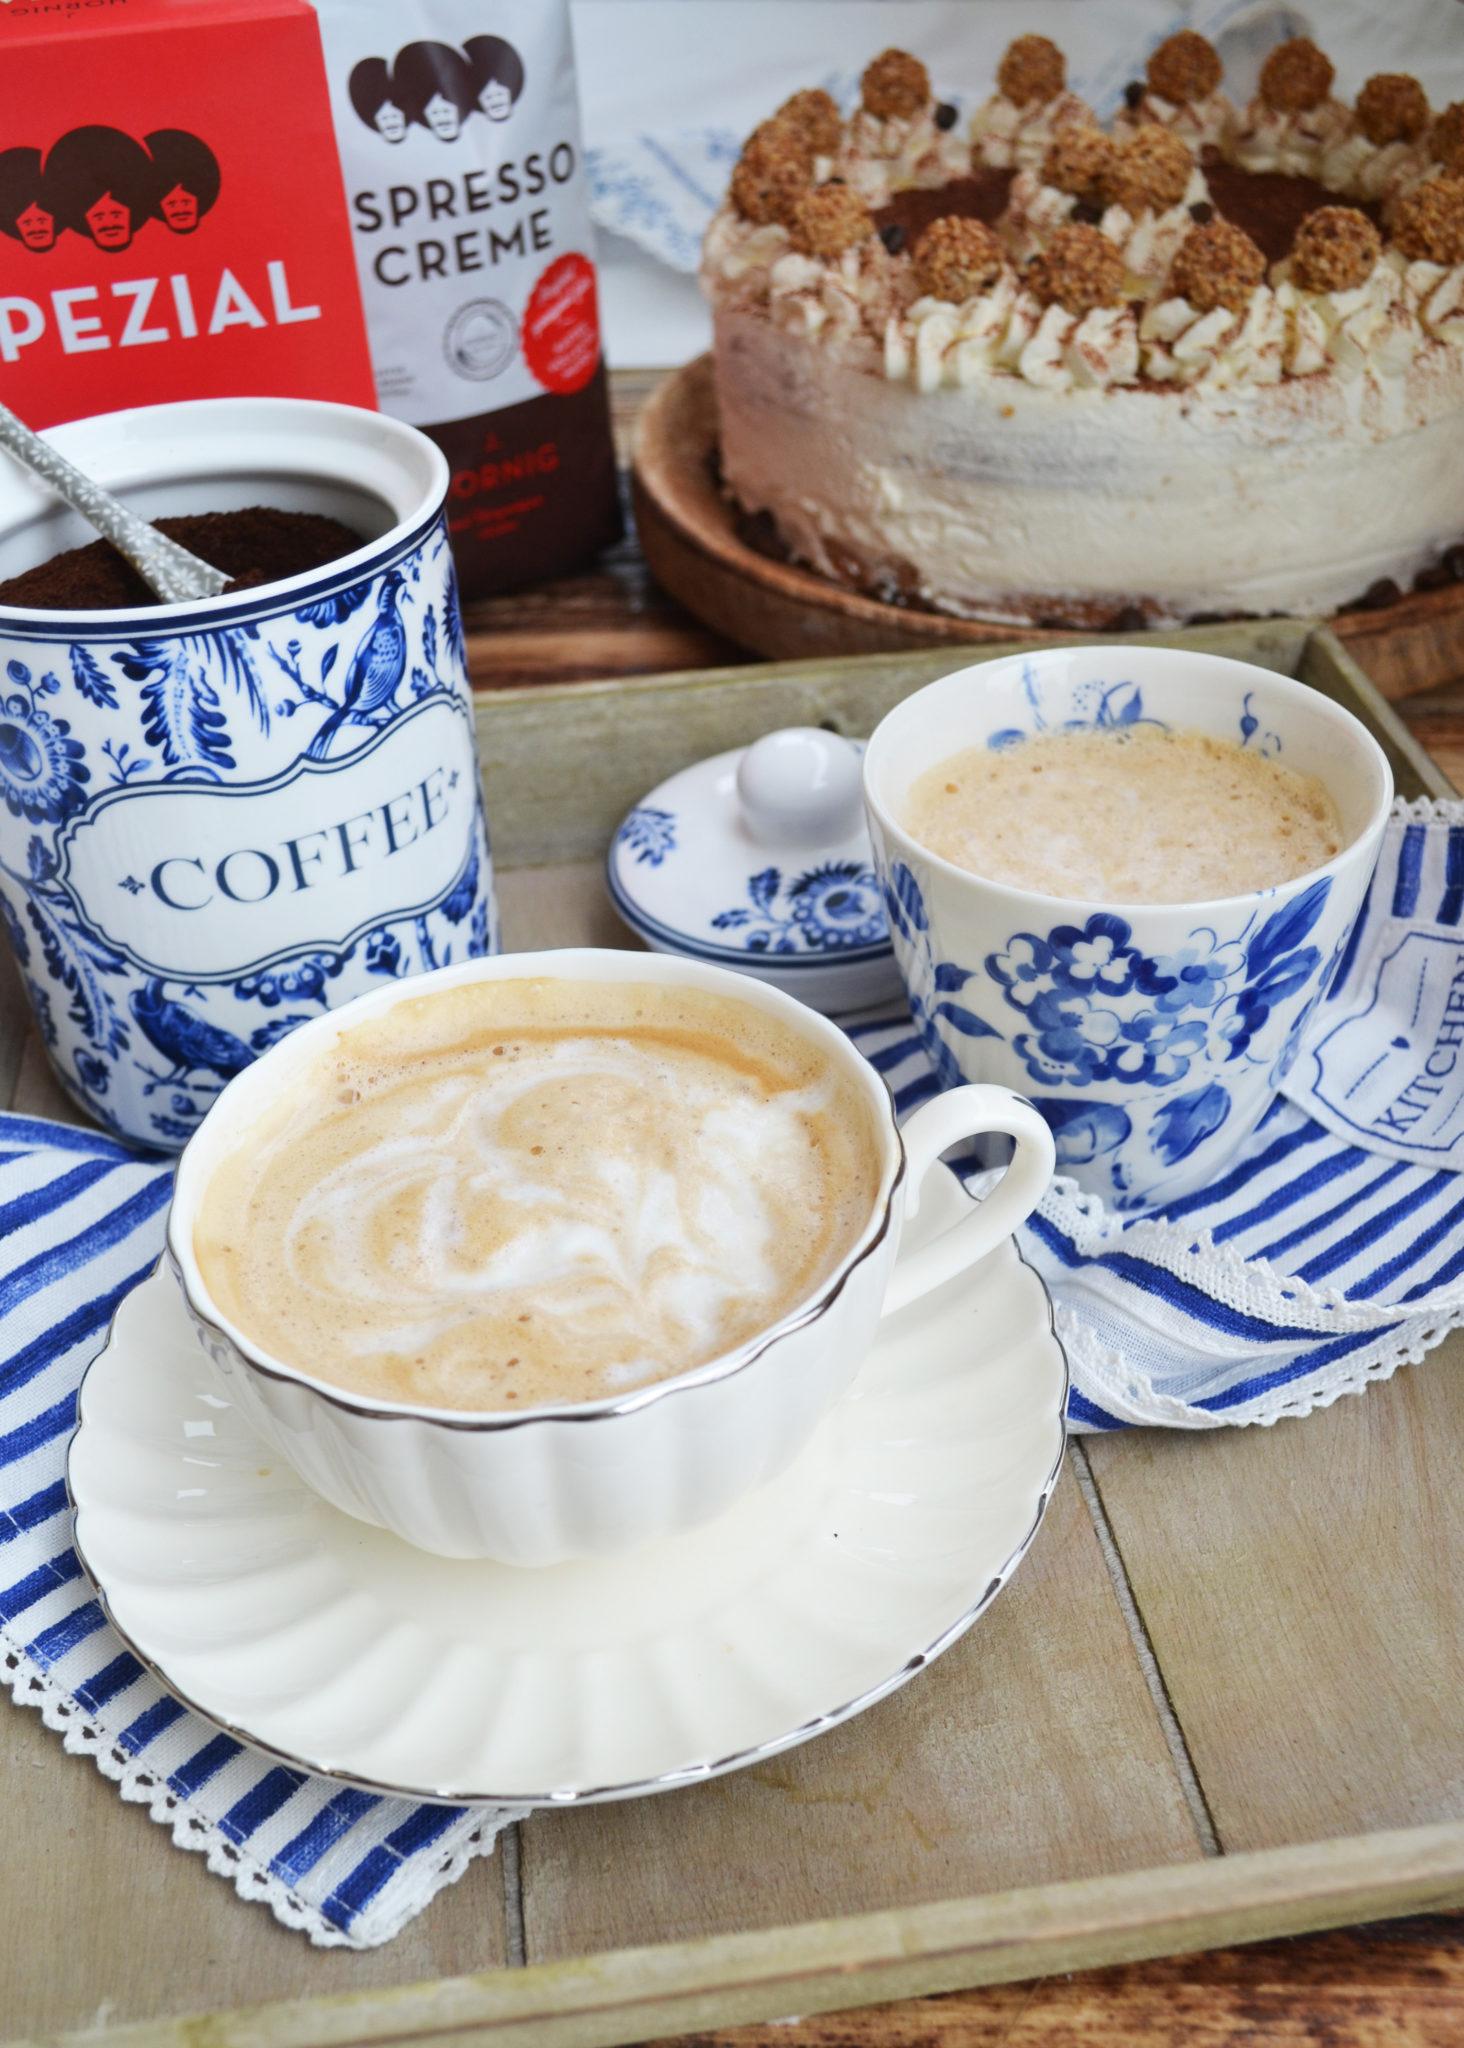 kaffee32